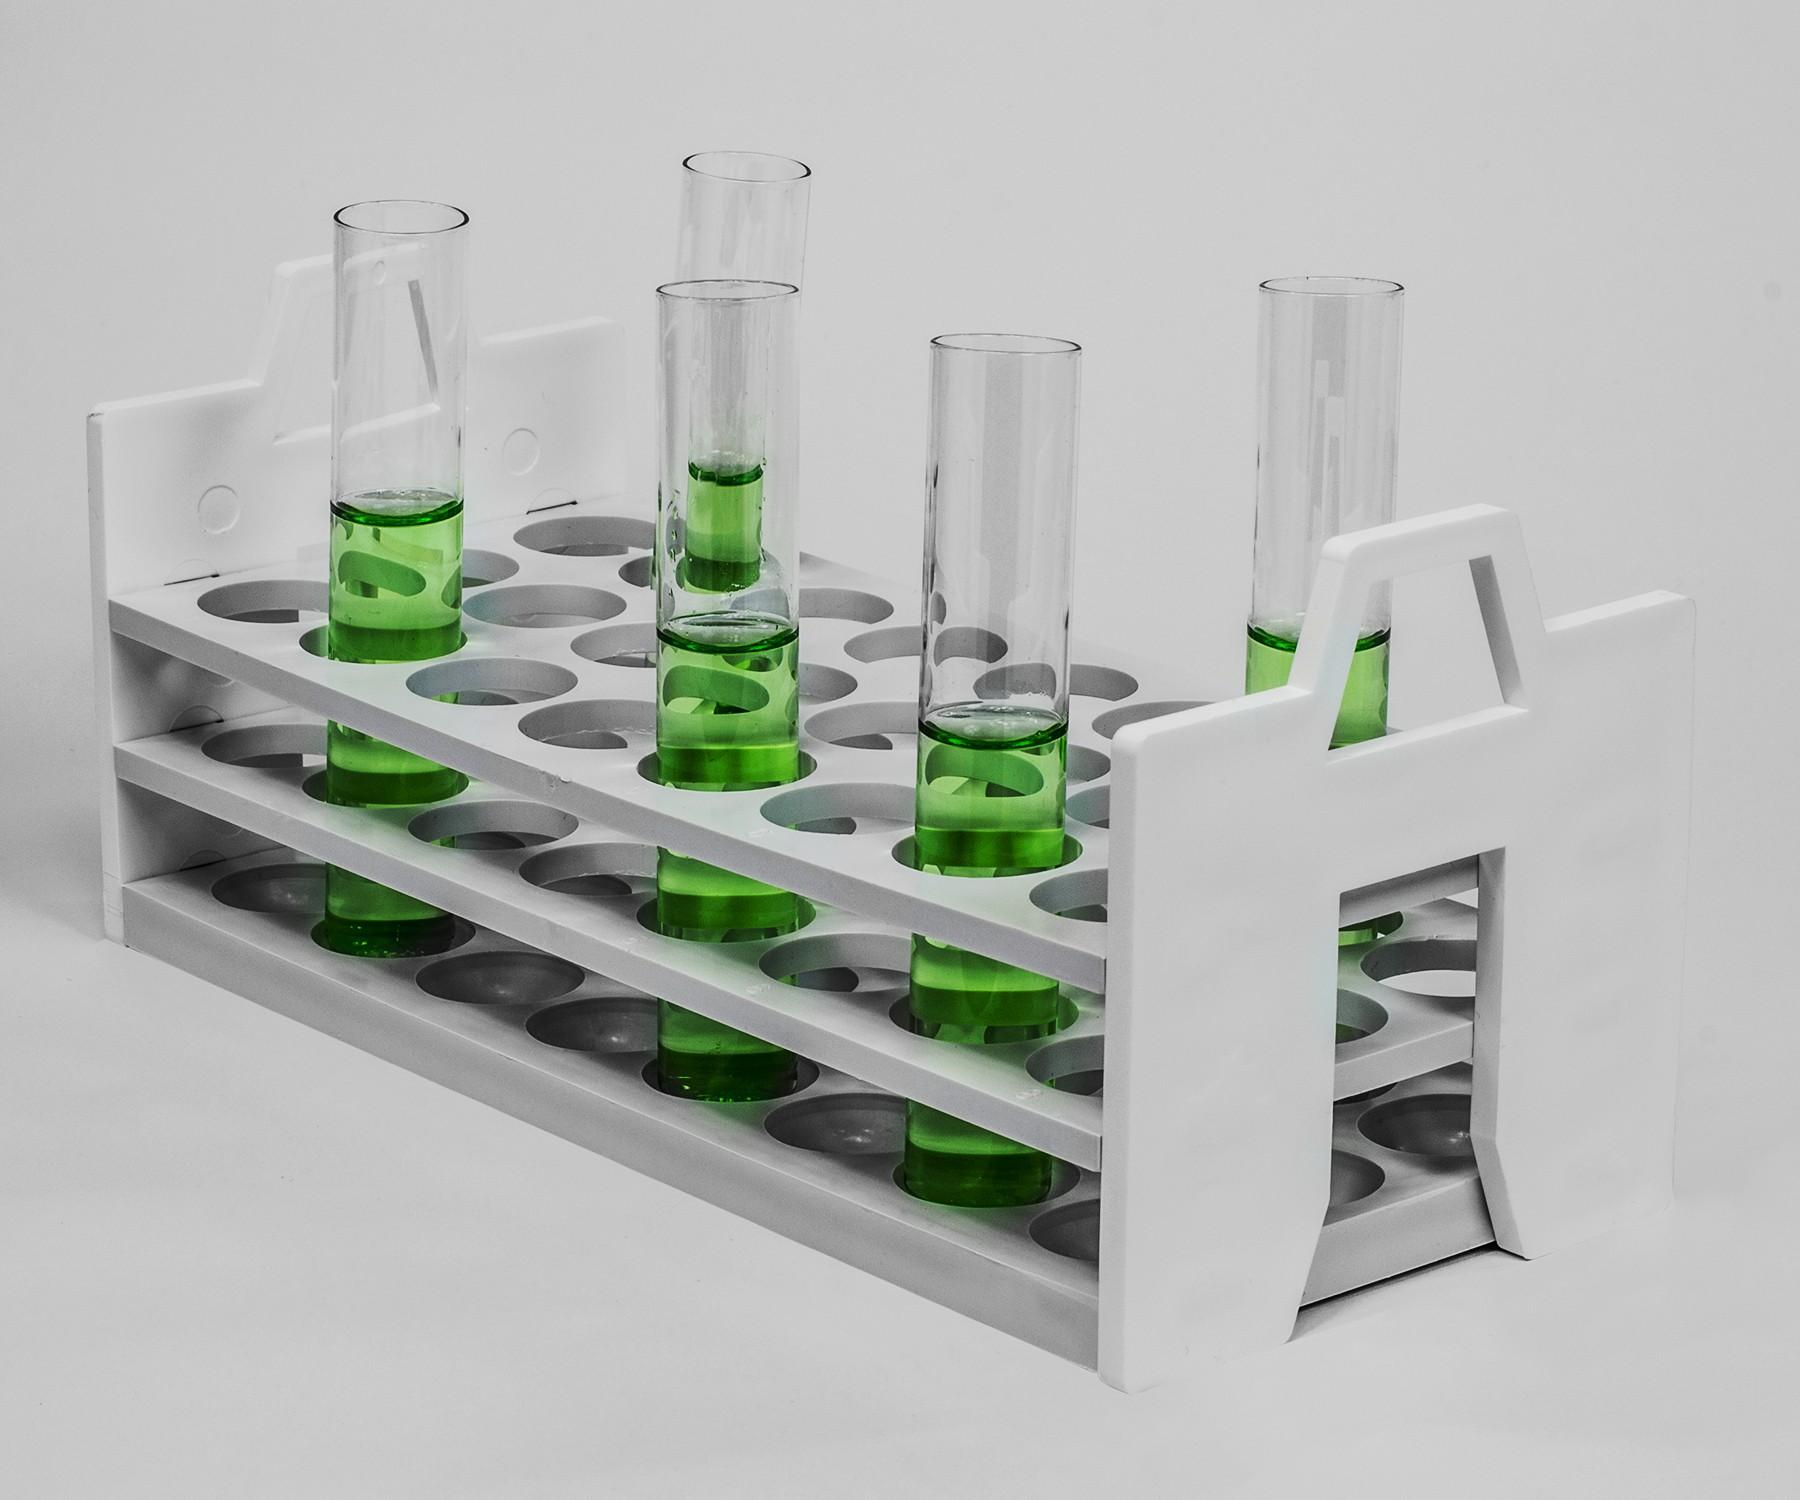 Bel-Art Stack Rack Test Tube Rack; For 25-30mm Tubes, 24 Places ... for Laboratory Test Tube Holder  66plt